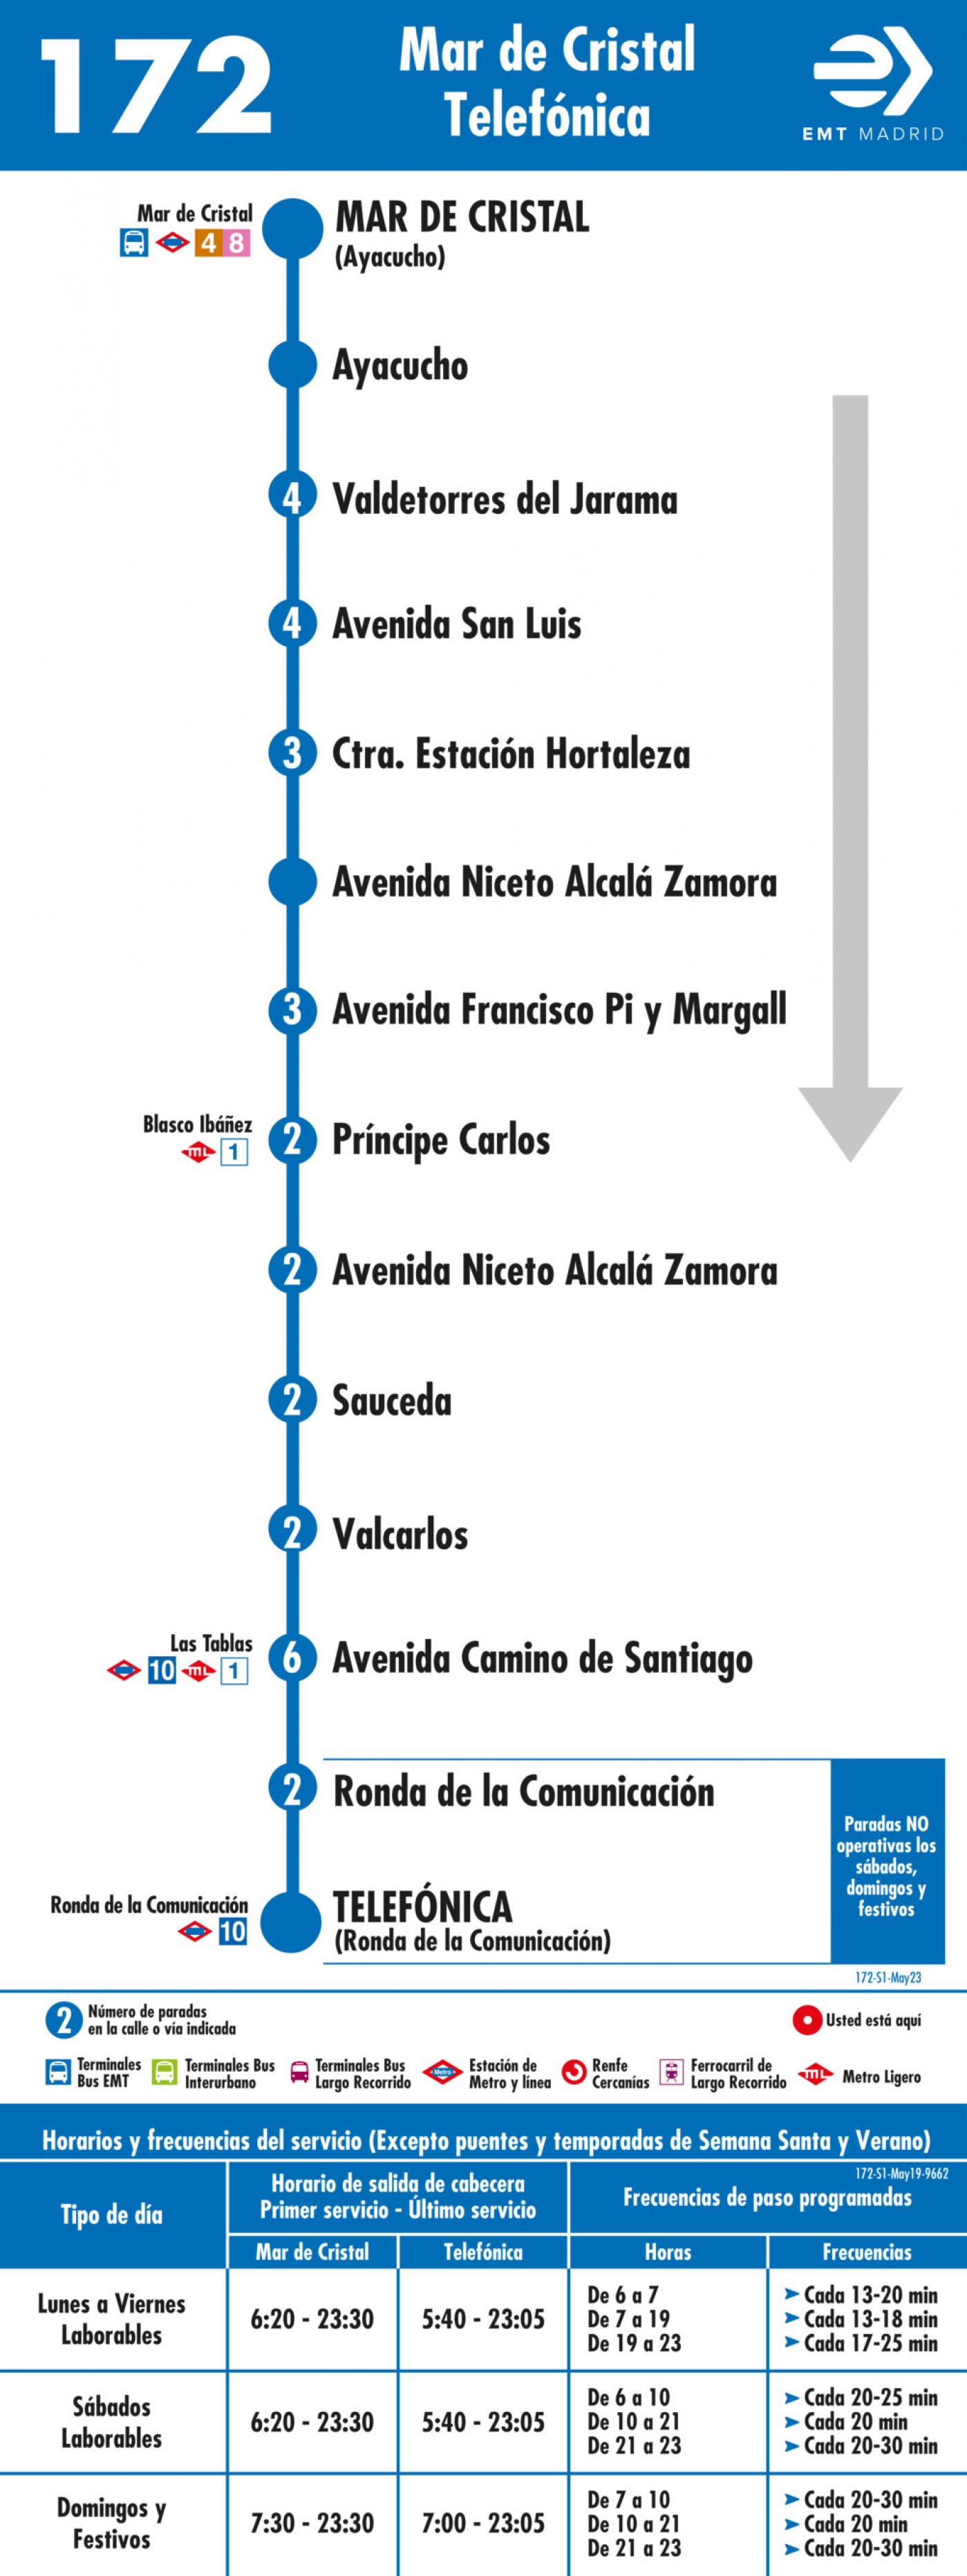 Tabla de horarios y frecuencias de paso en sentido ida Línea 172SF: Mar de Cristal - Las Tablas